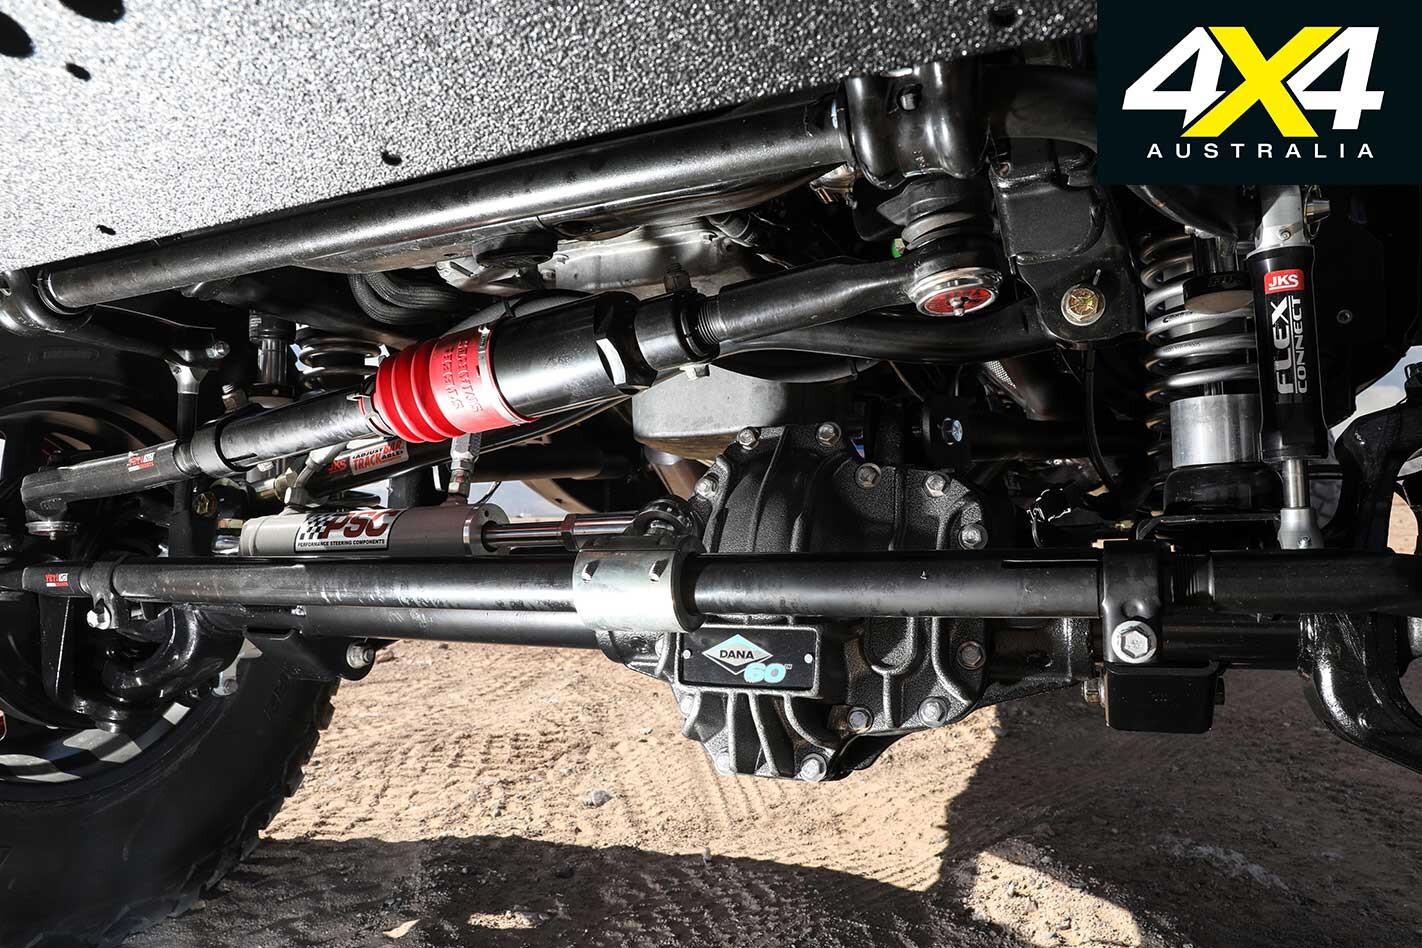 4 X 4 Shock Absorbers Types Jpg